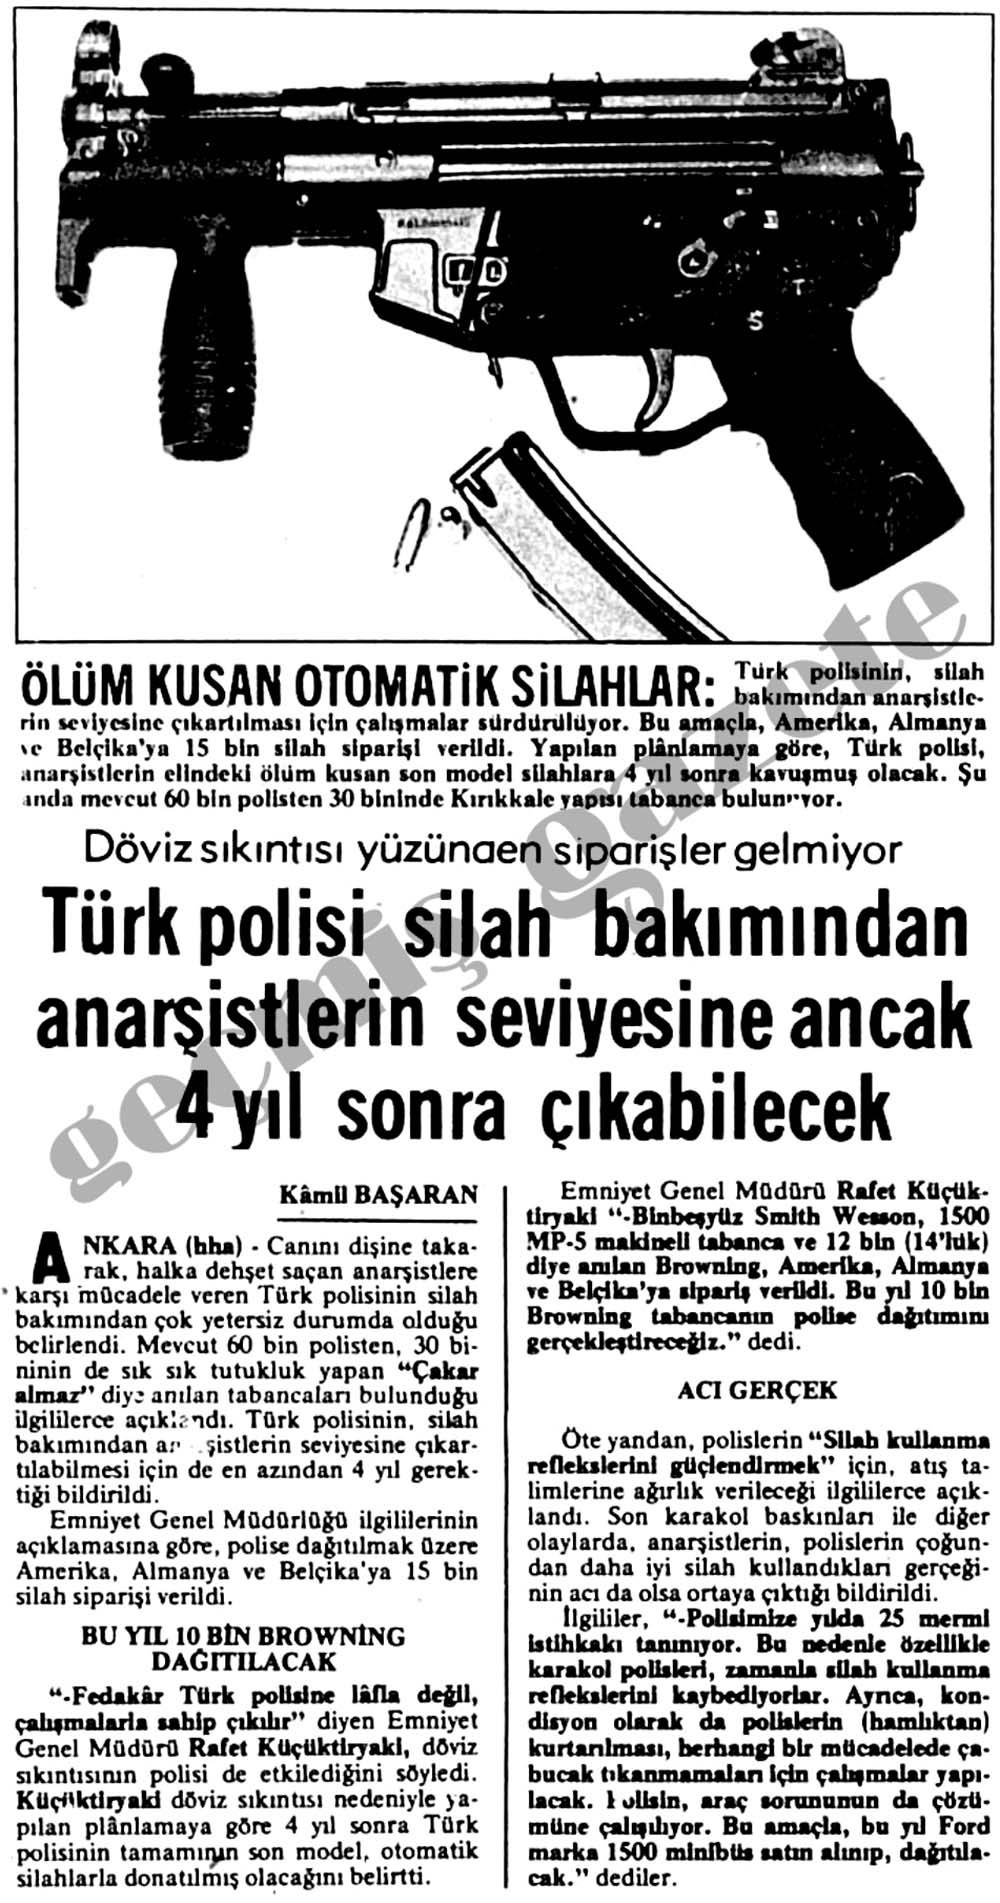 Türk polisi silah bakımından anarşistlerin seviyesine ancak 4 yıl sonra çıkabilecek